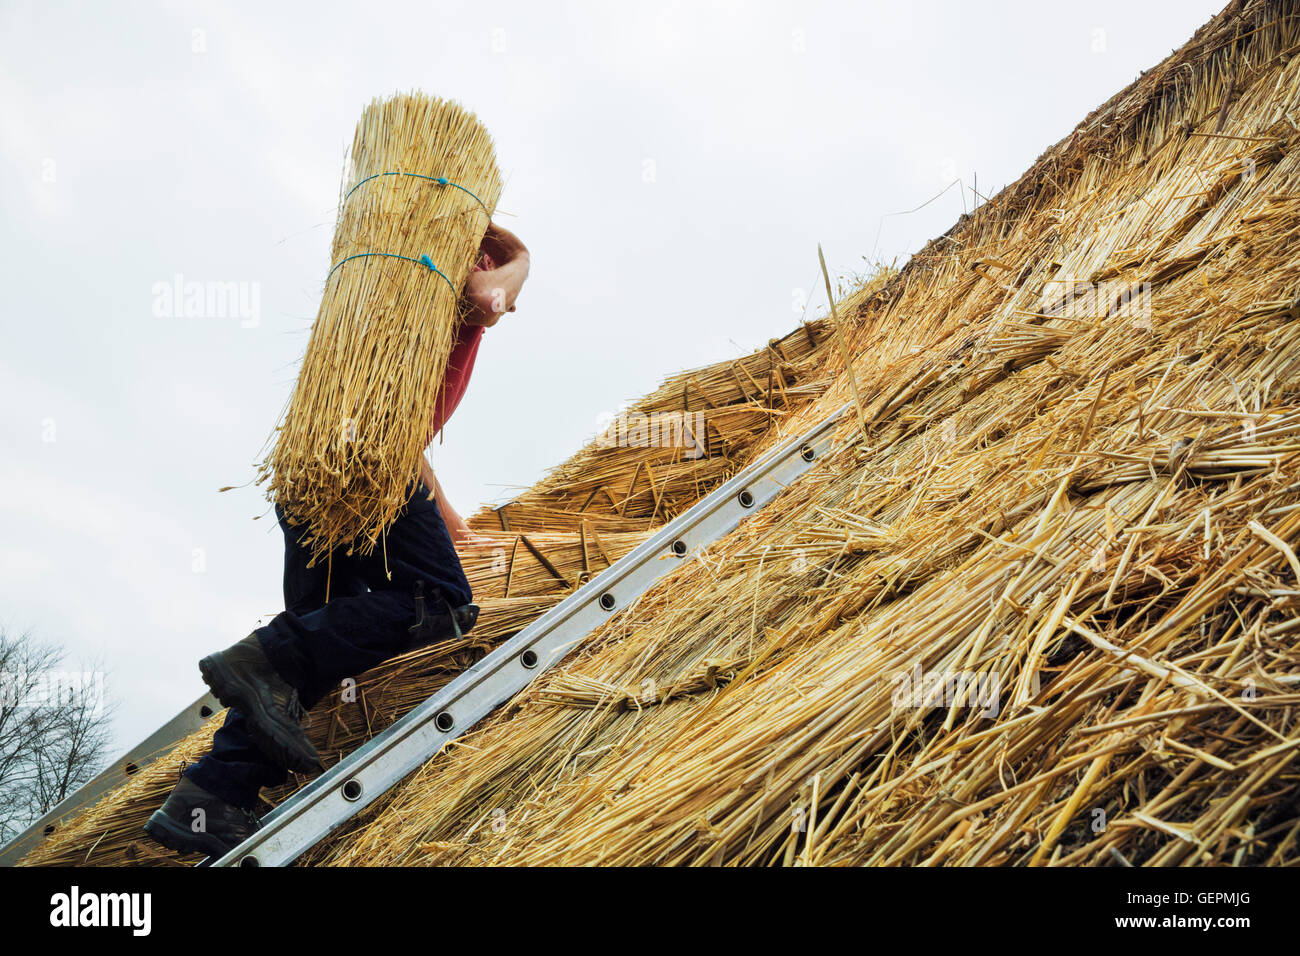 Thatcher Yelm Stroh auf ein Dach zu tragen. Stockbild